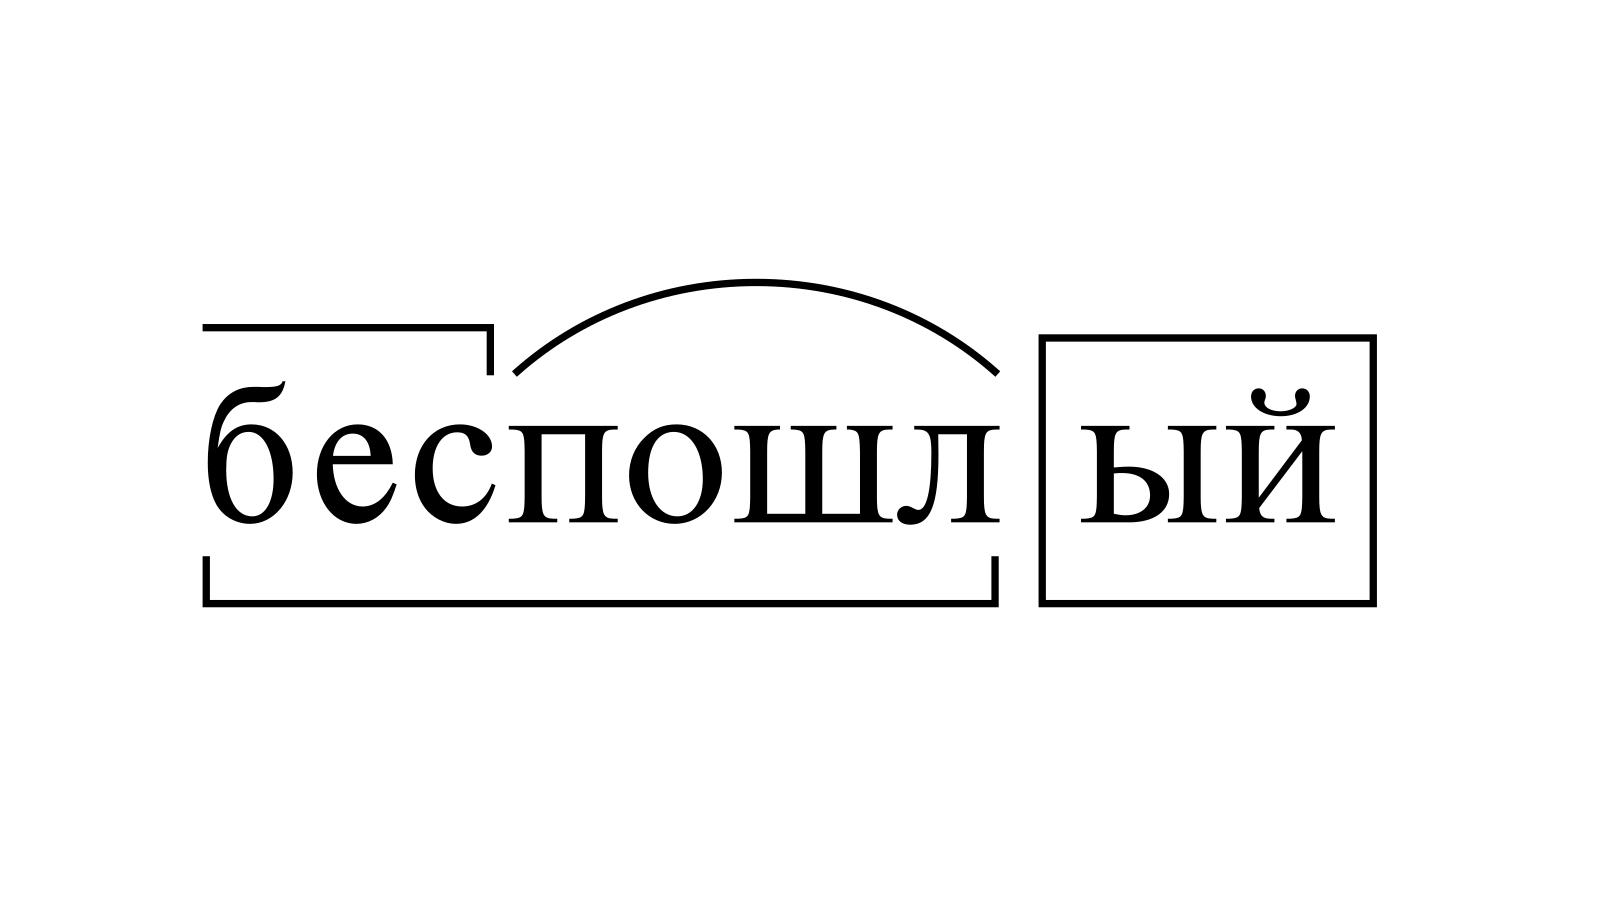 Разбор слова «беспошлый» по составу